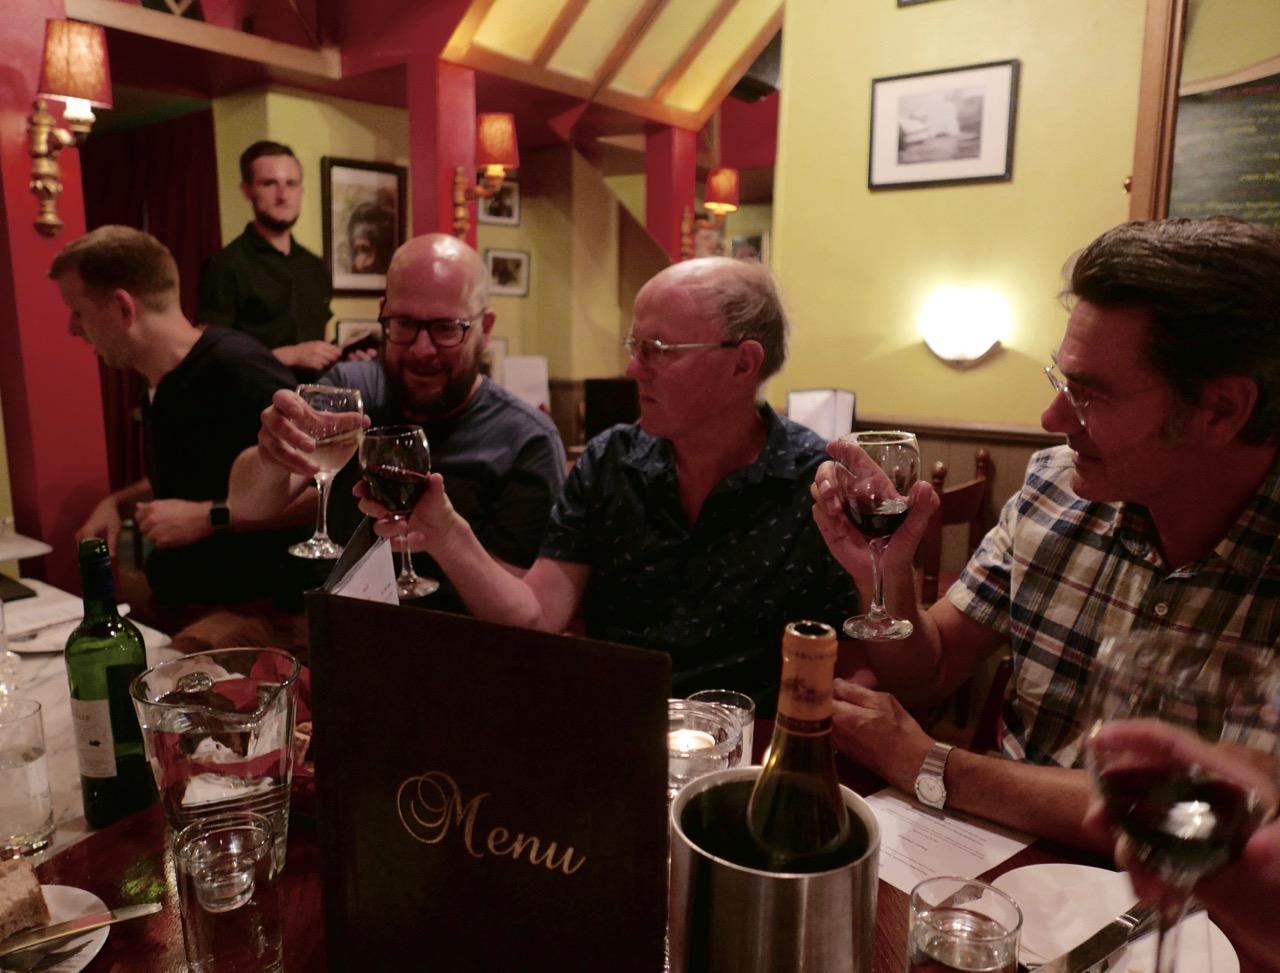 Gospel_Oak_Labour_Party_fundraising_dinner_at_Ravels.jpg